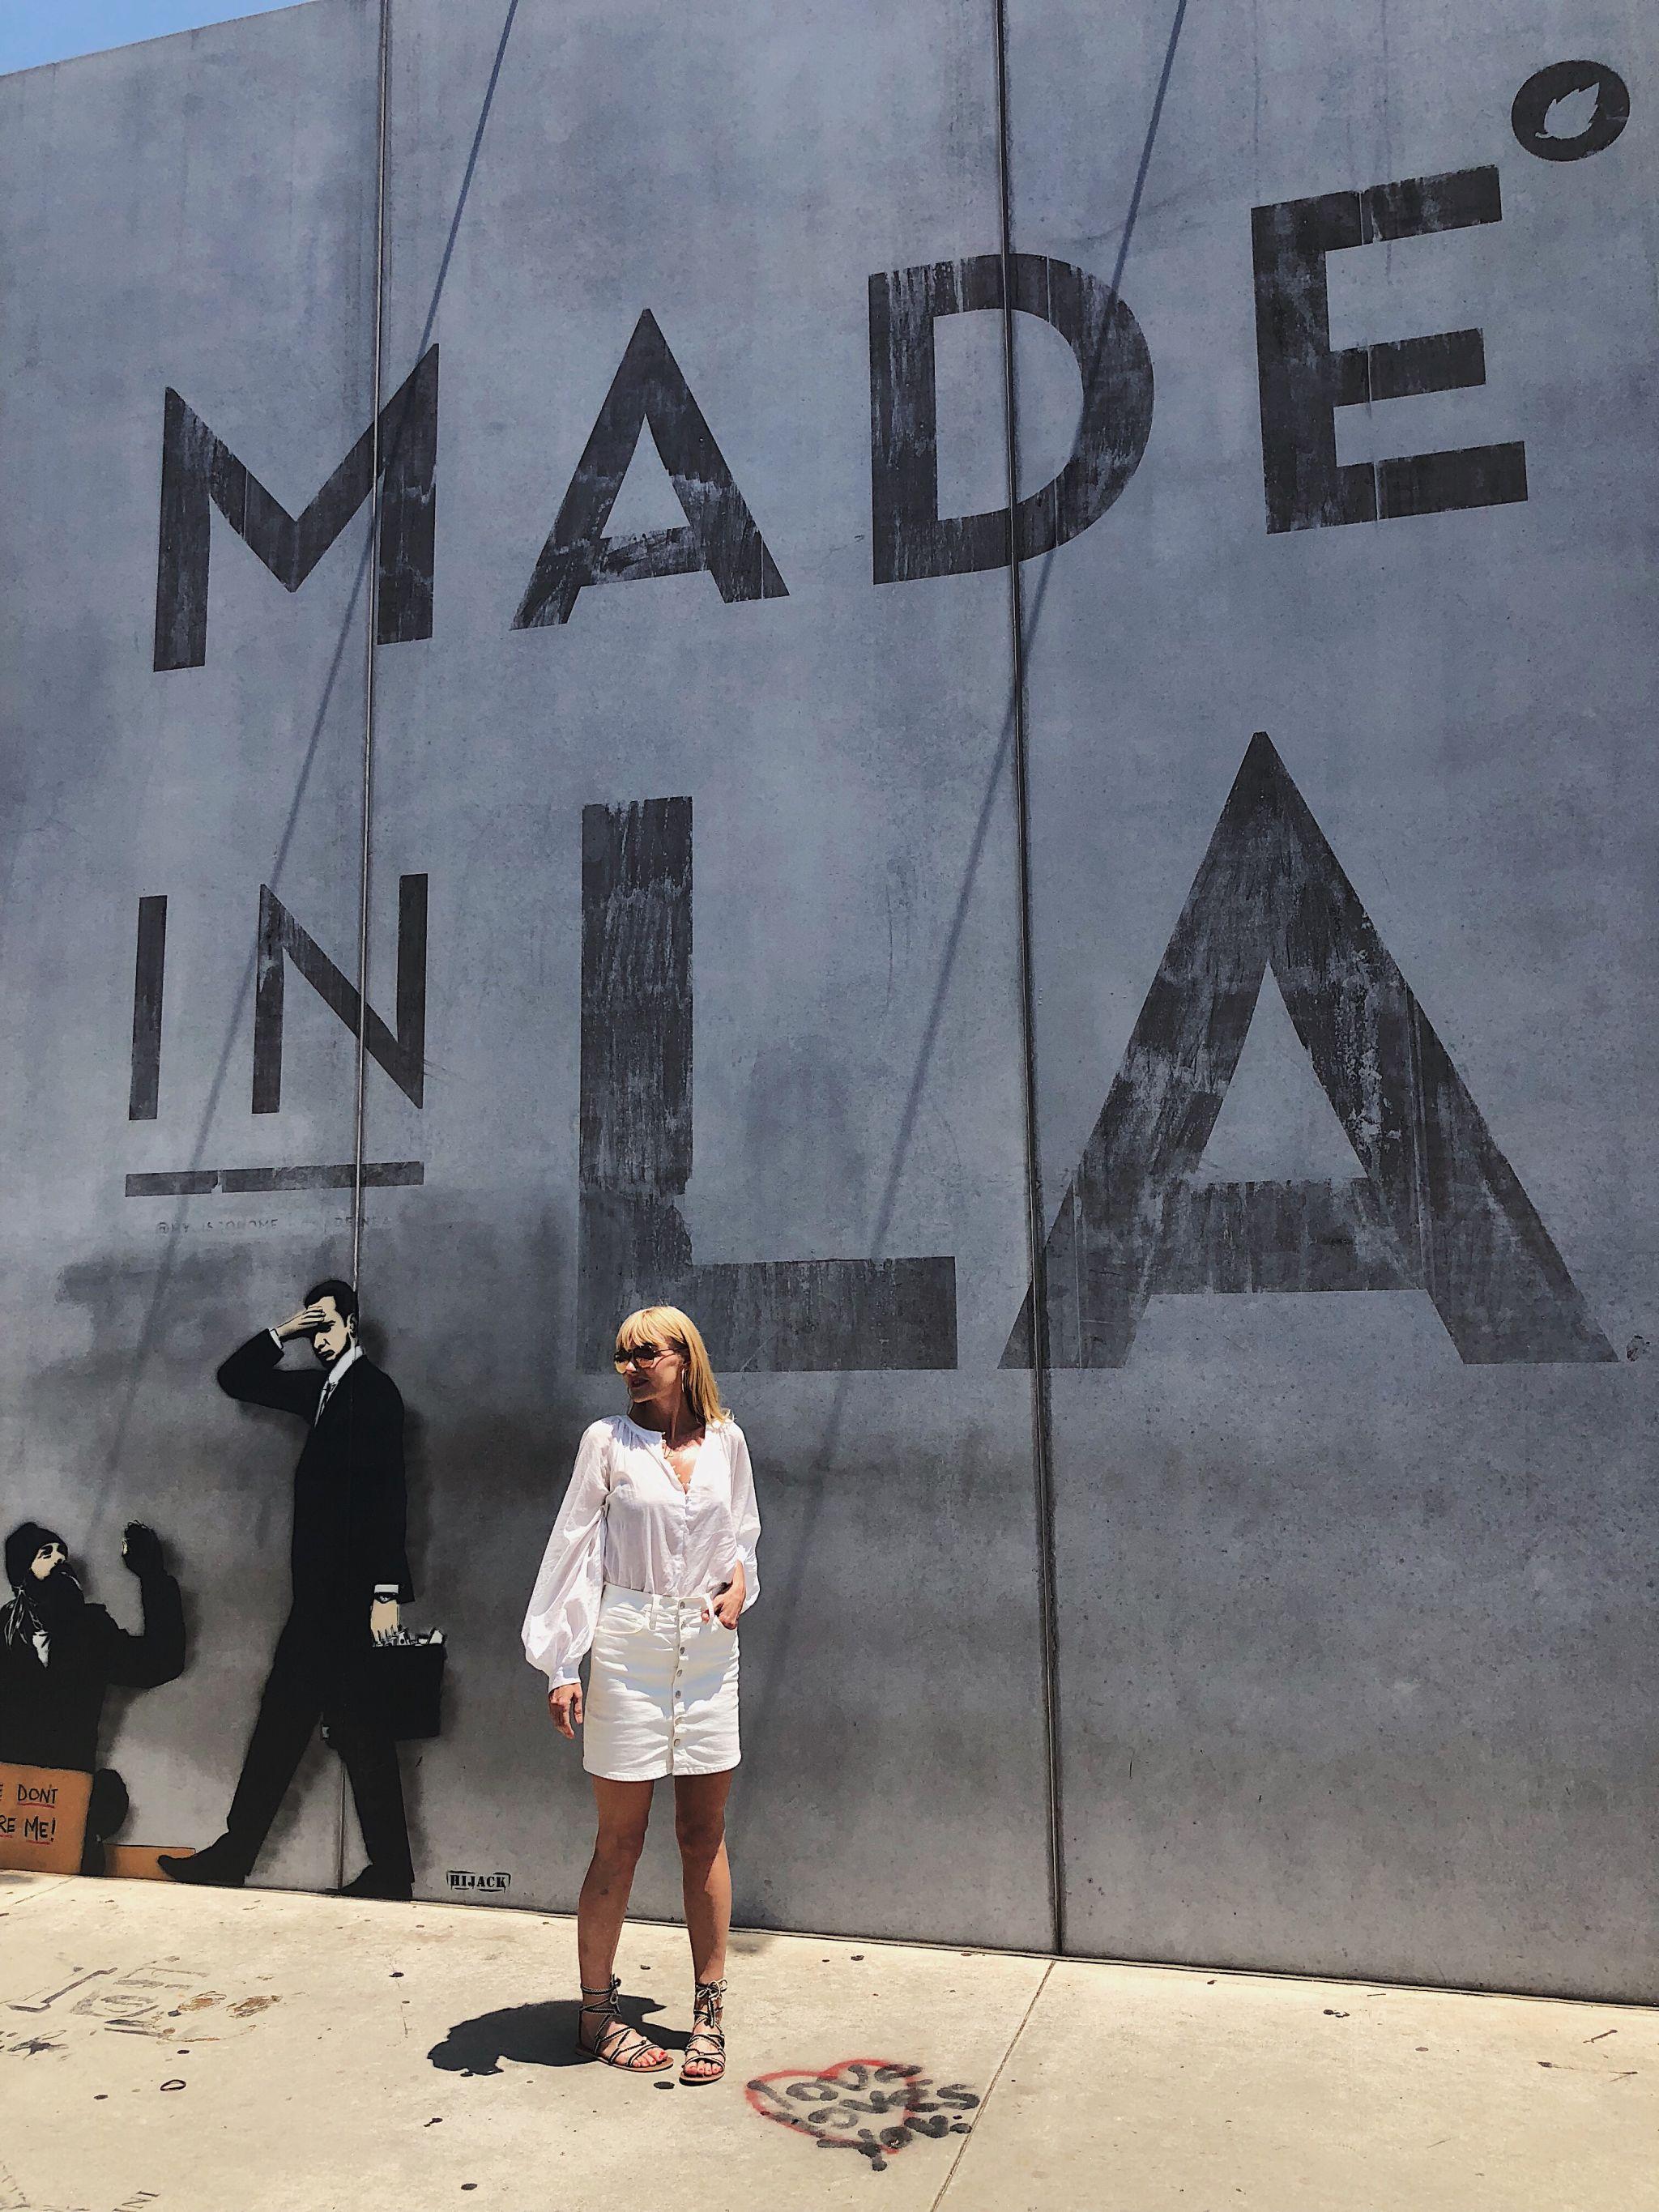 Los Angeles Tipps und Empfehlungen - Made in LA Wall Melrose Avenue - Reiseblog ü 40